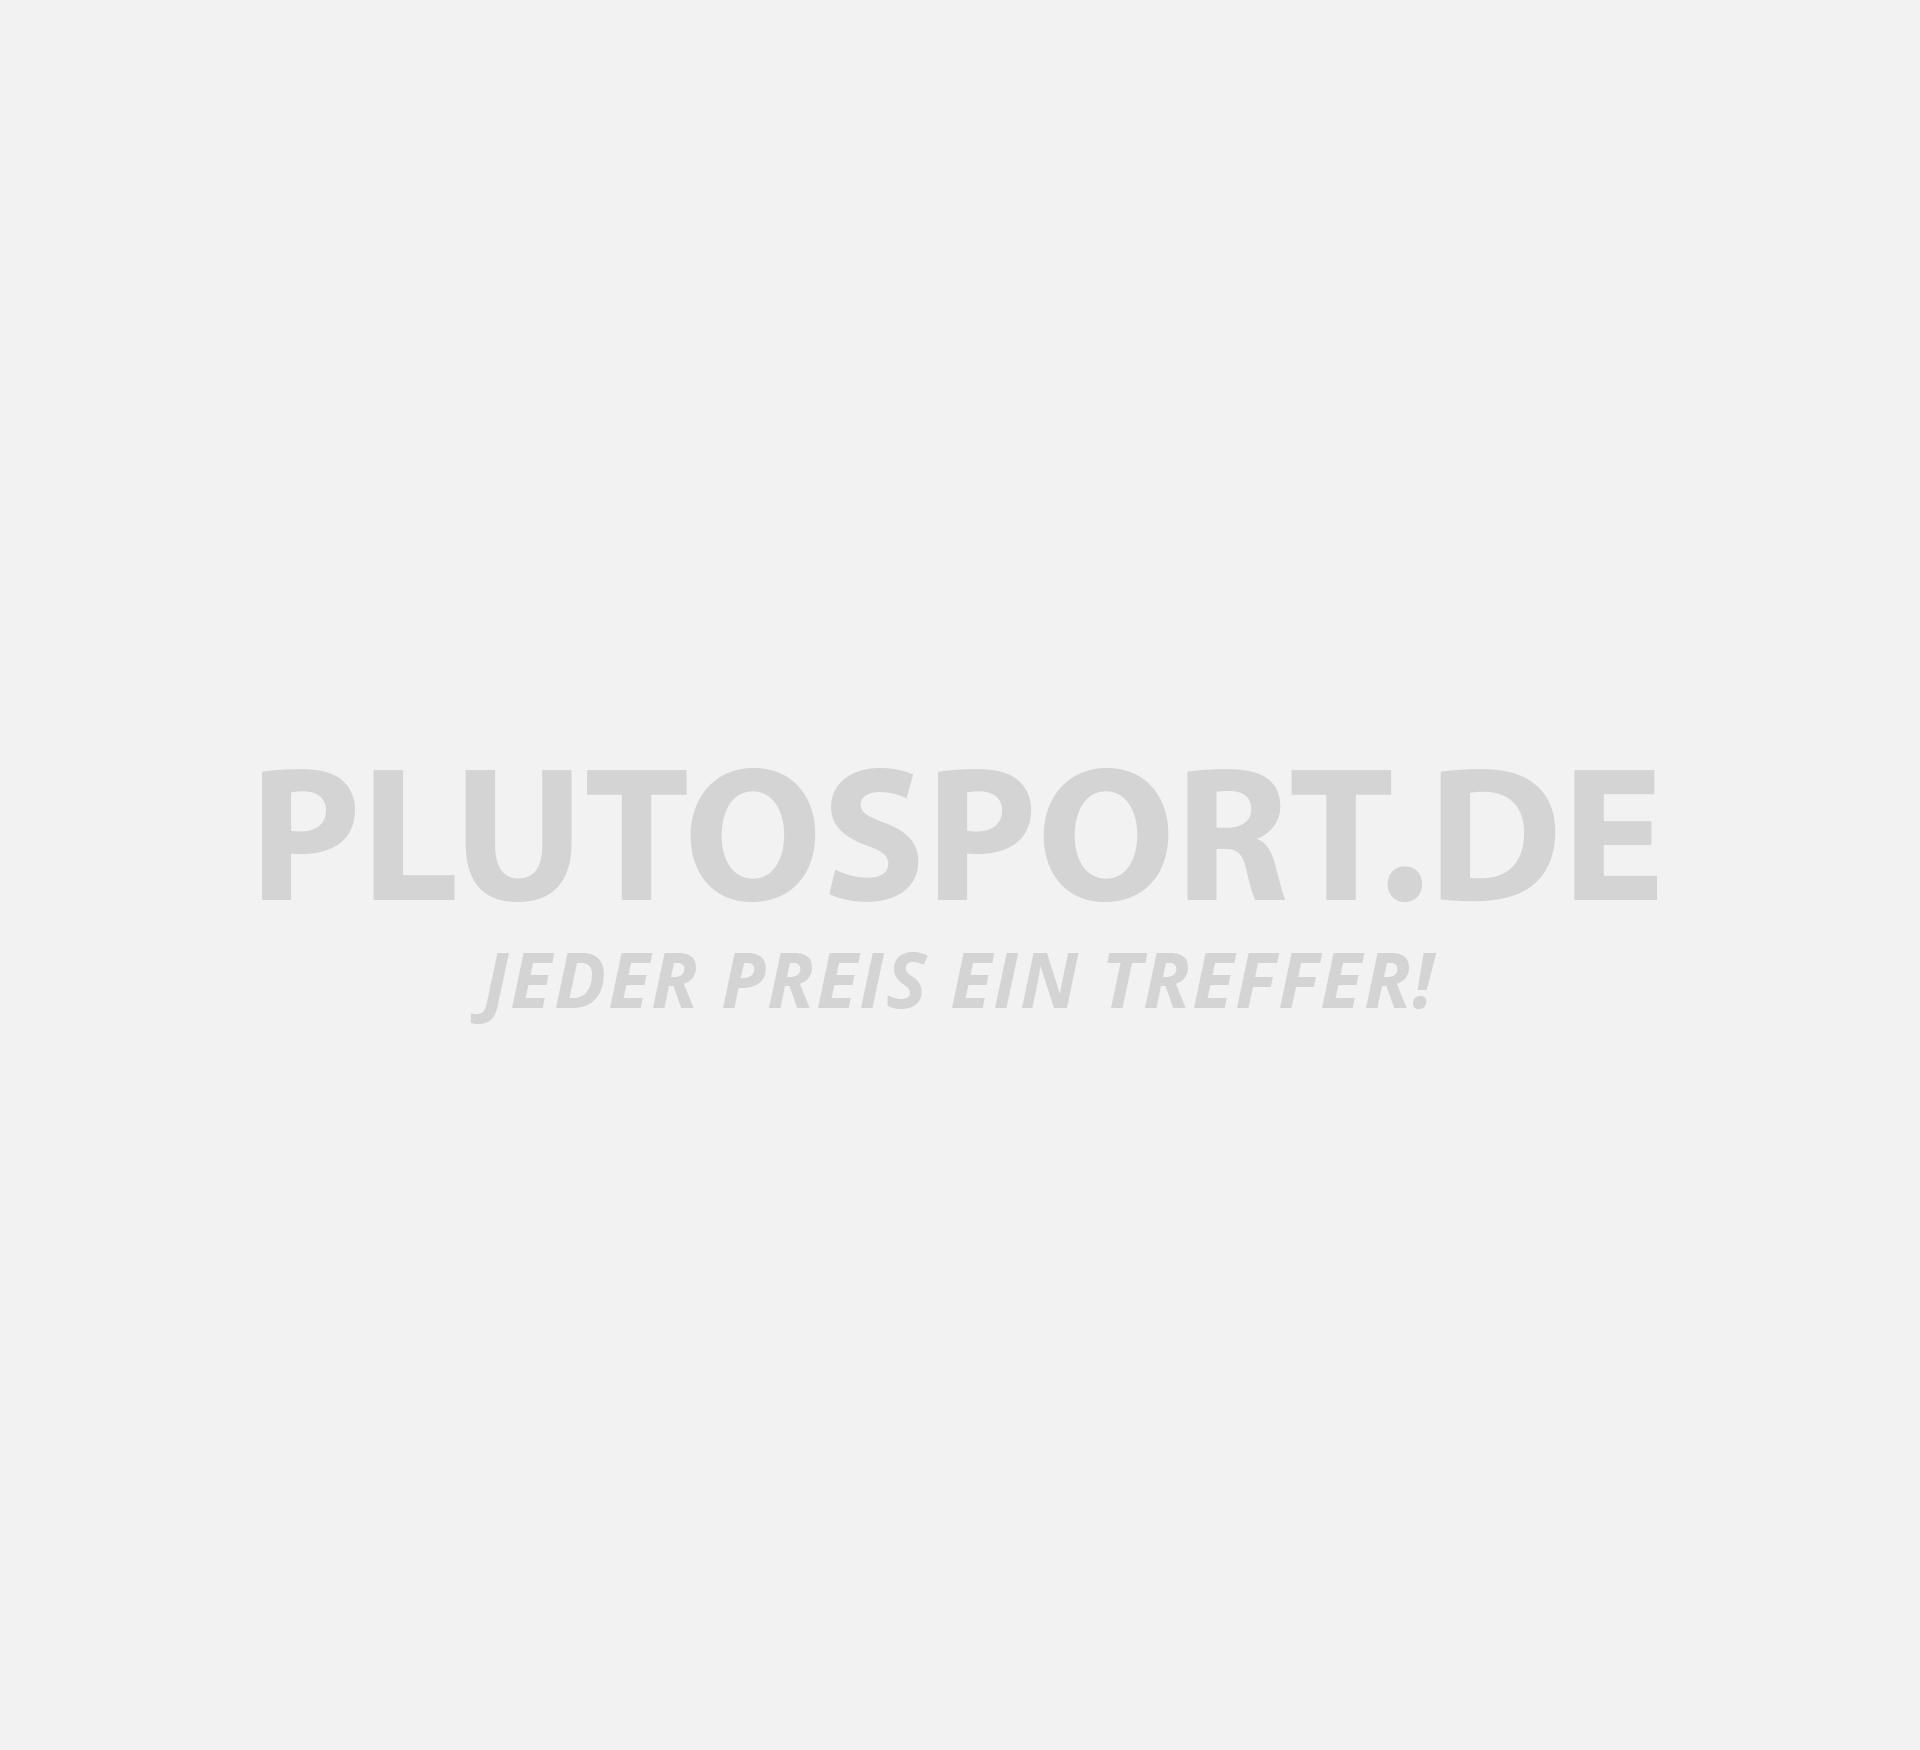 Asics Gel-Cumulus 20 SP Laufsport Schuhe Herren